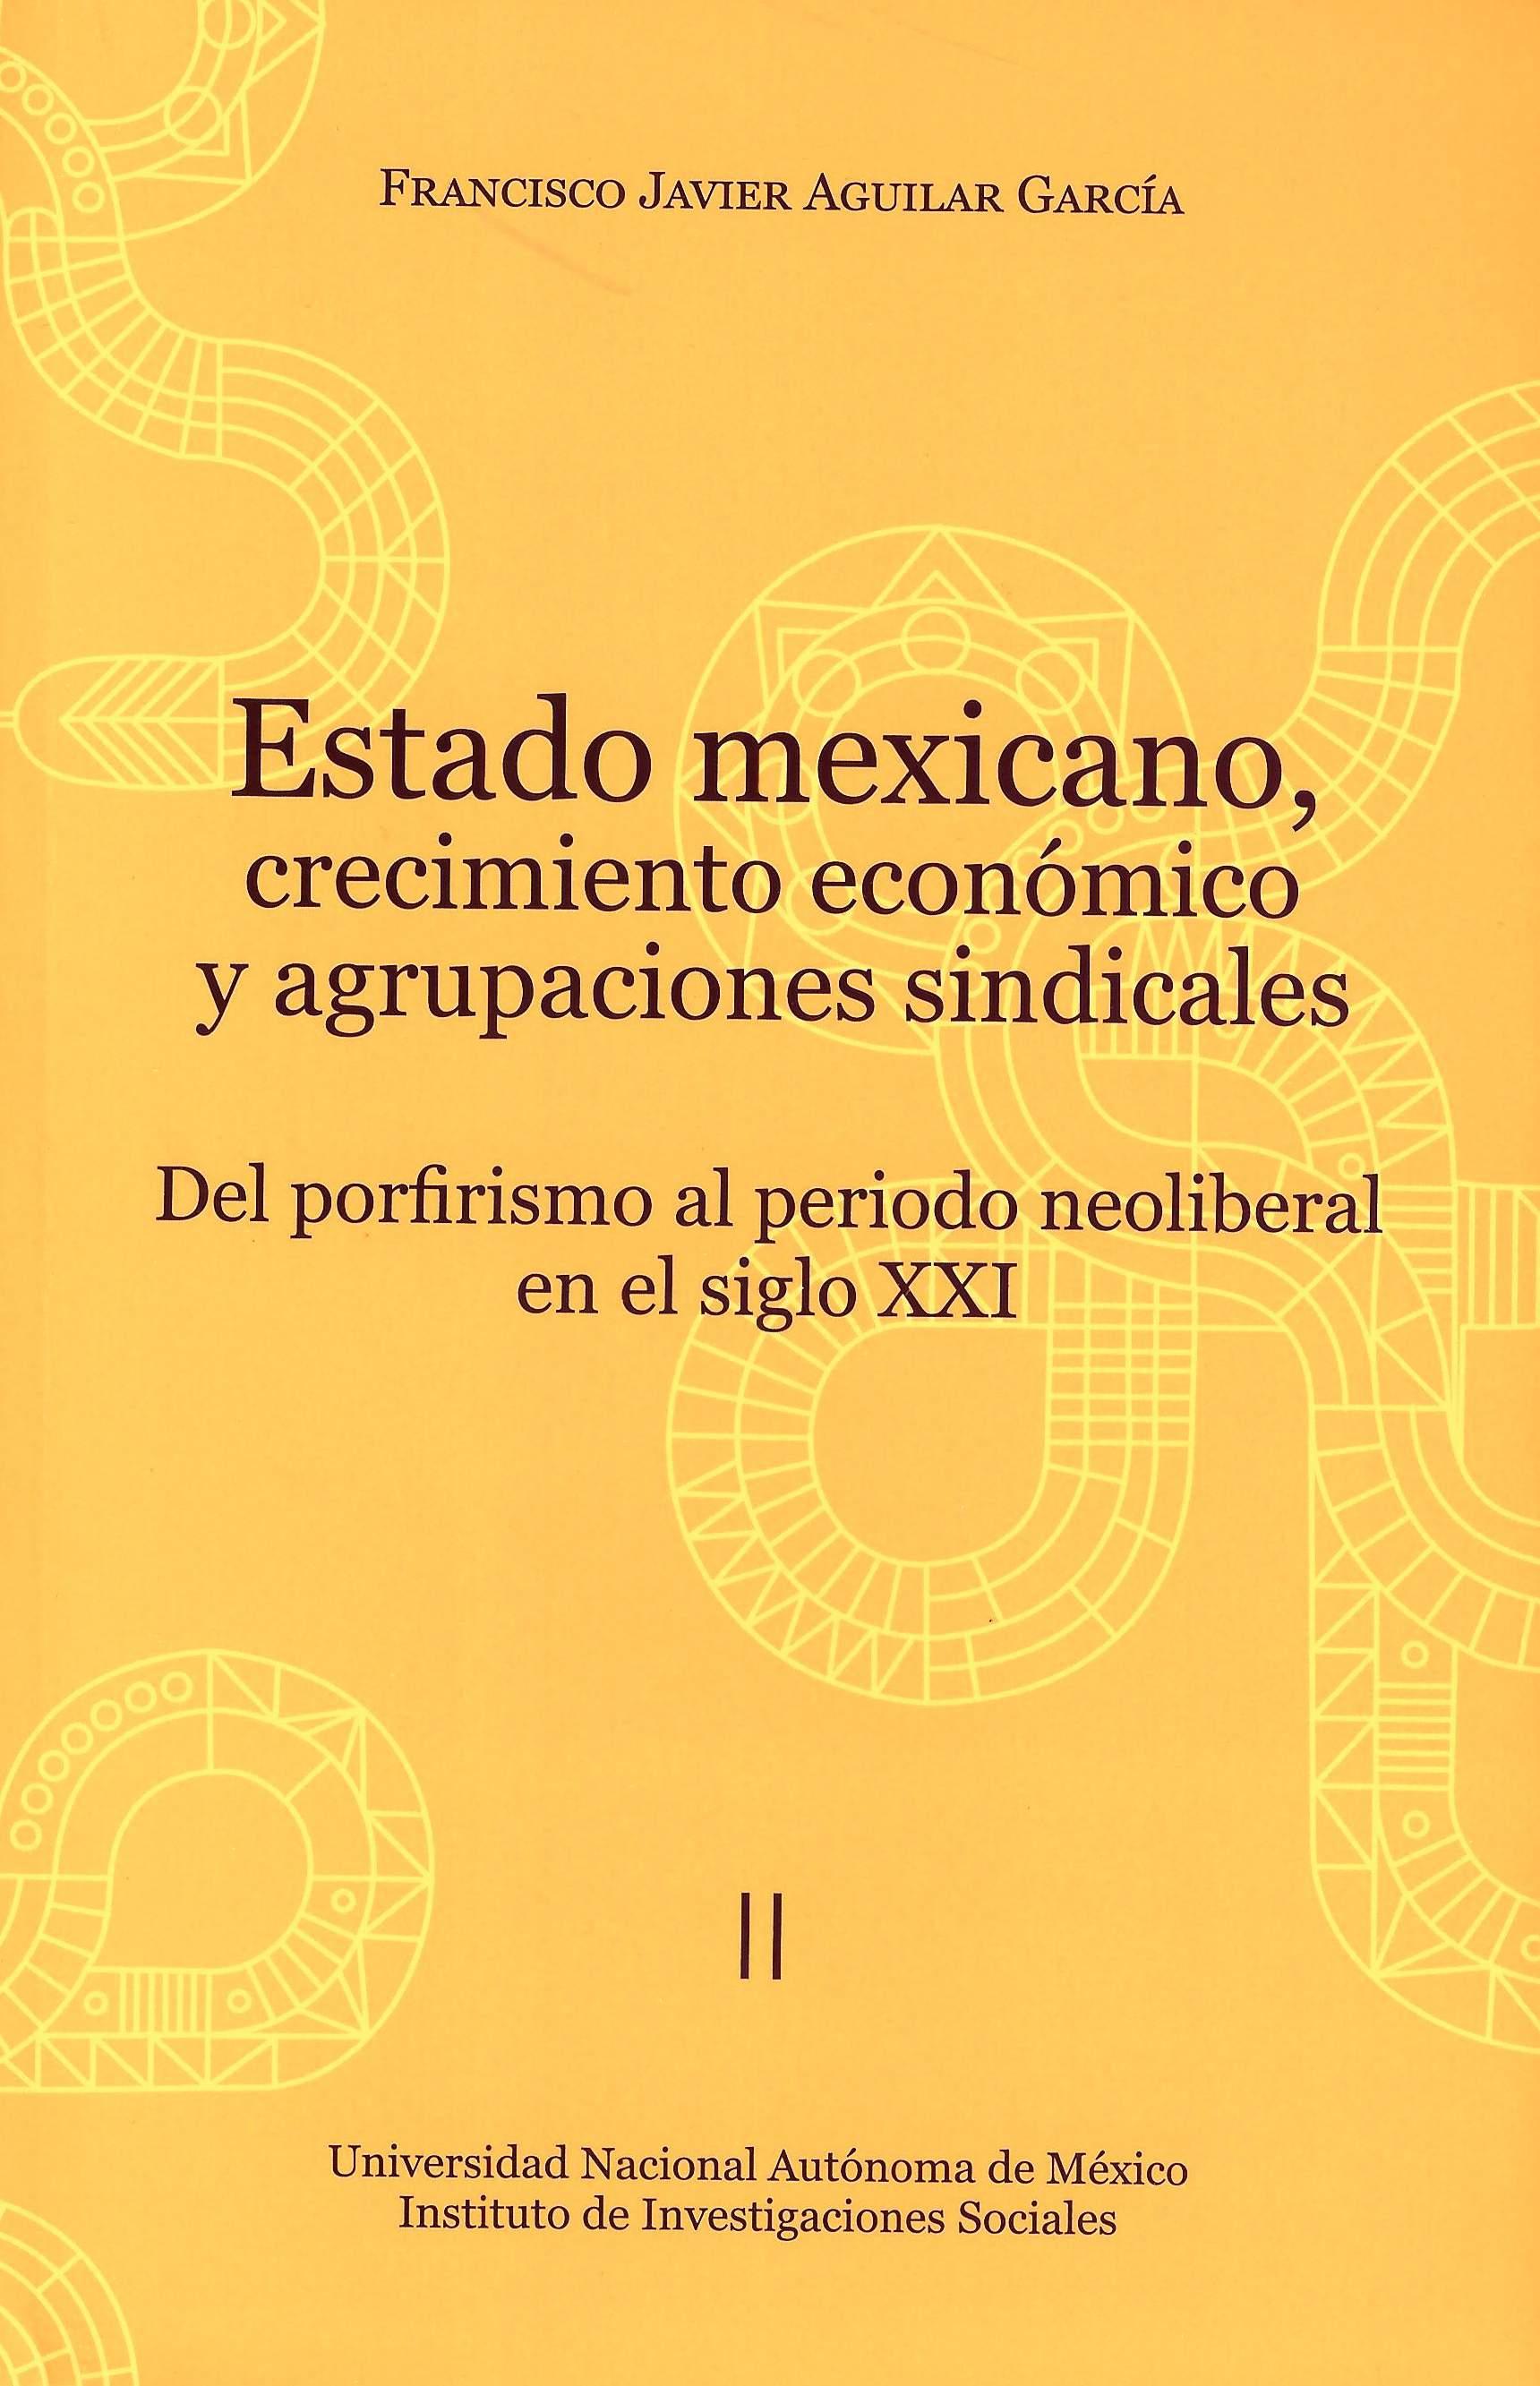 Estado mexicano, crecimiento económico y agrupaciones sindicales. Del porfirismo al periodo